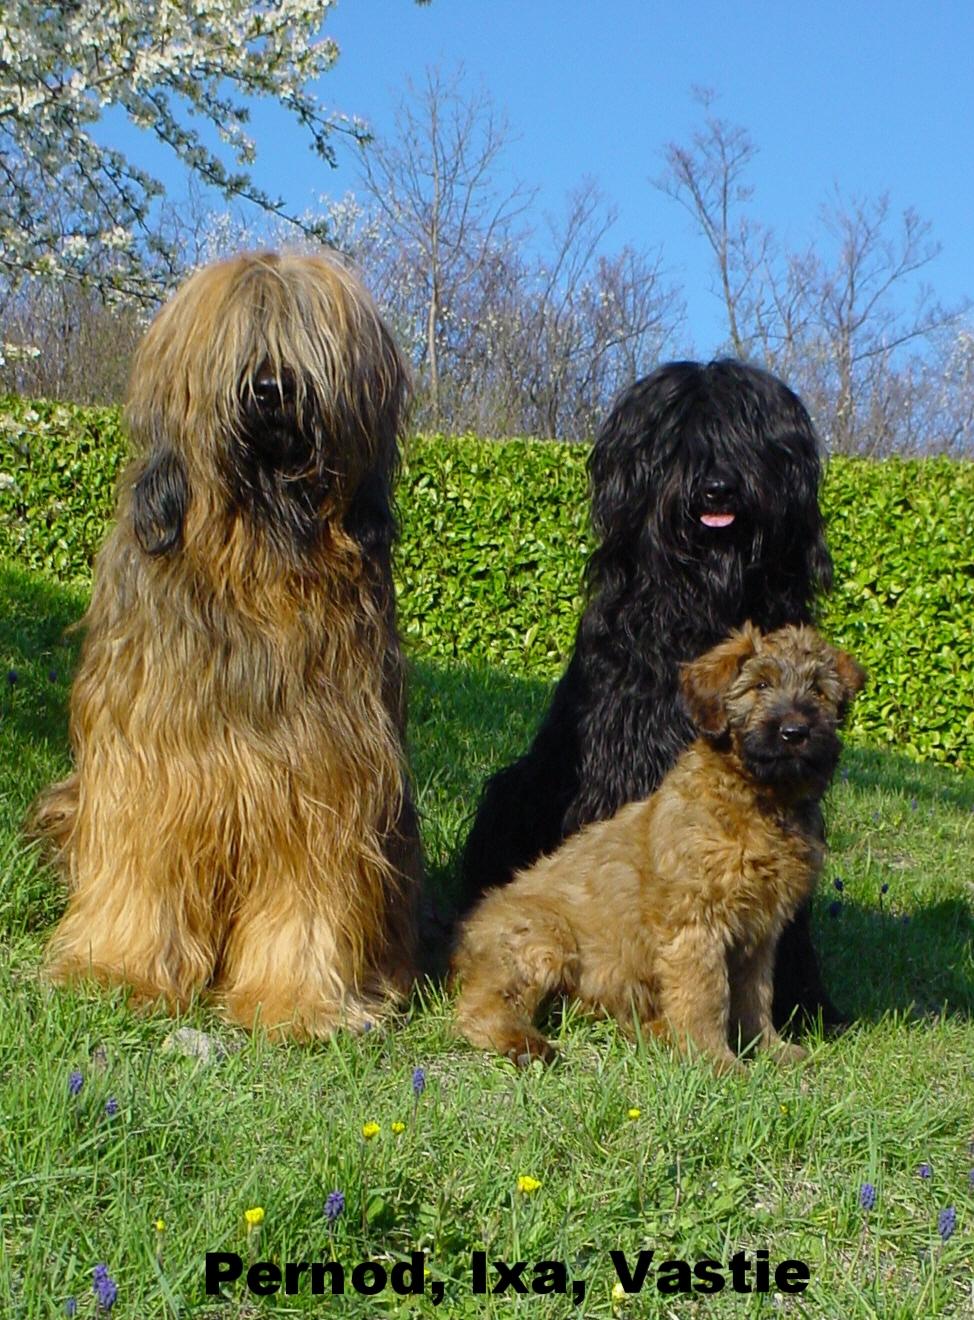 Pernod, Ixa and Vastie enjoying the French sunshine